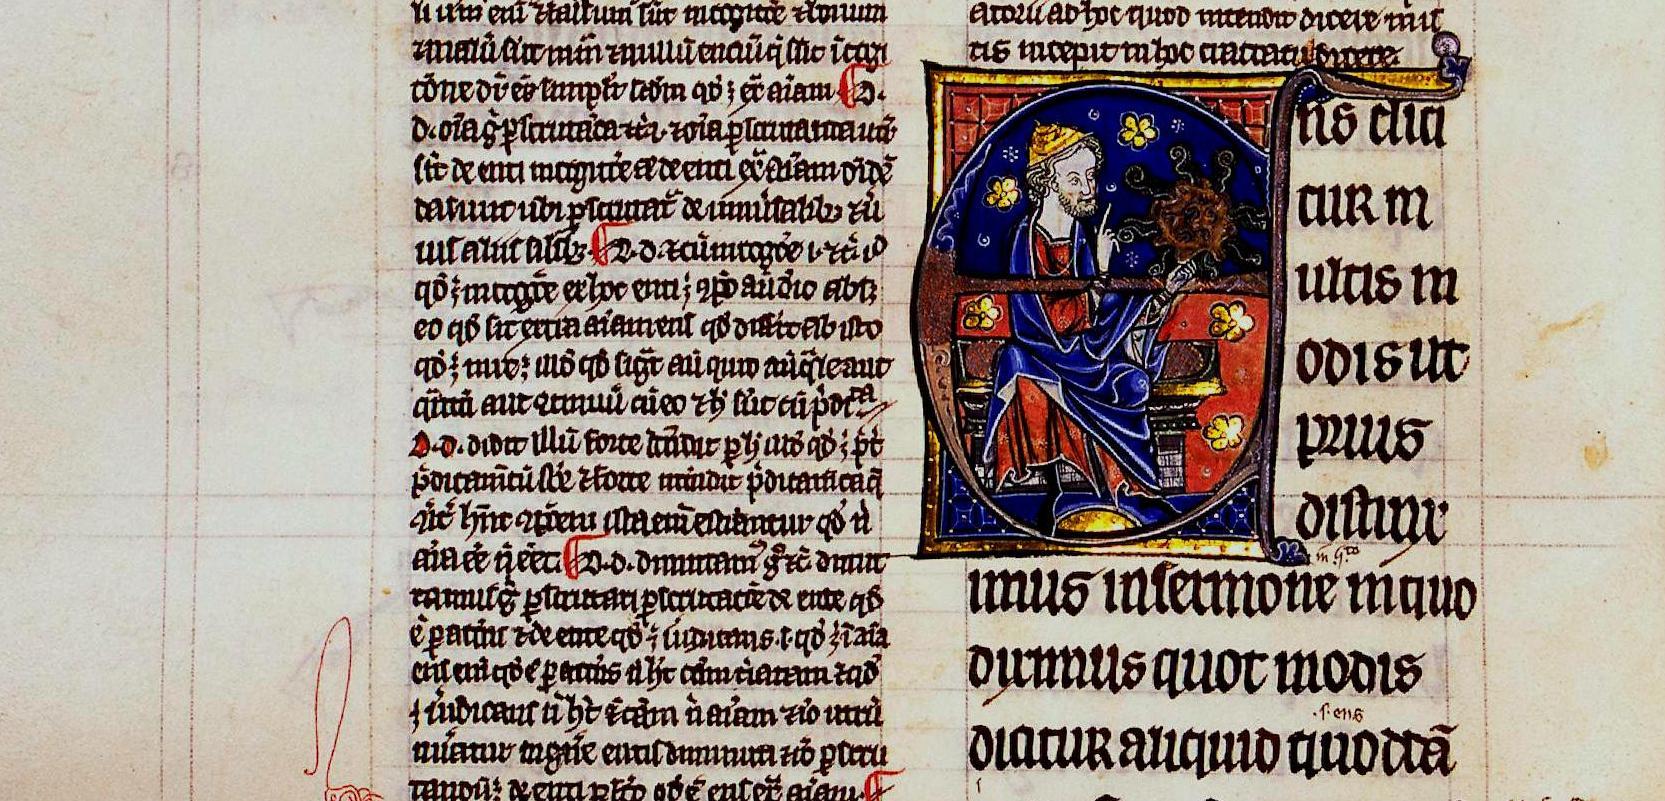 A Educação na Idade Média. A busca da Sabedoria como